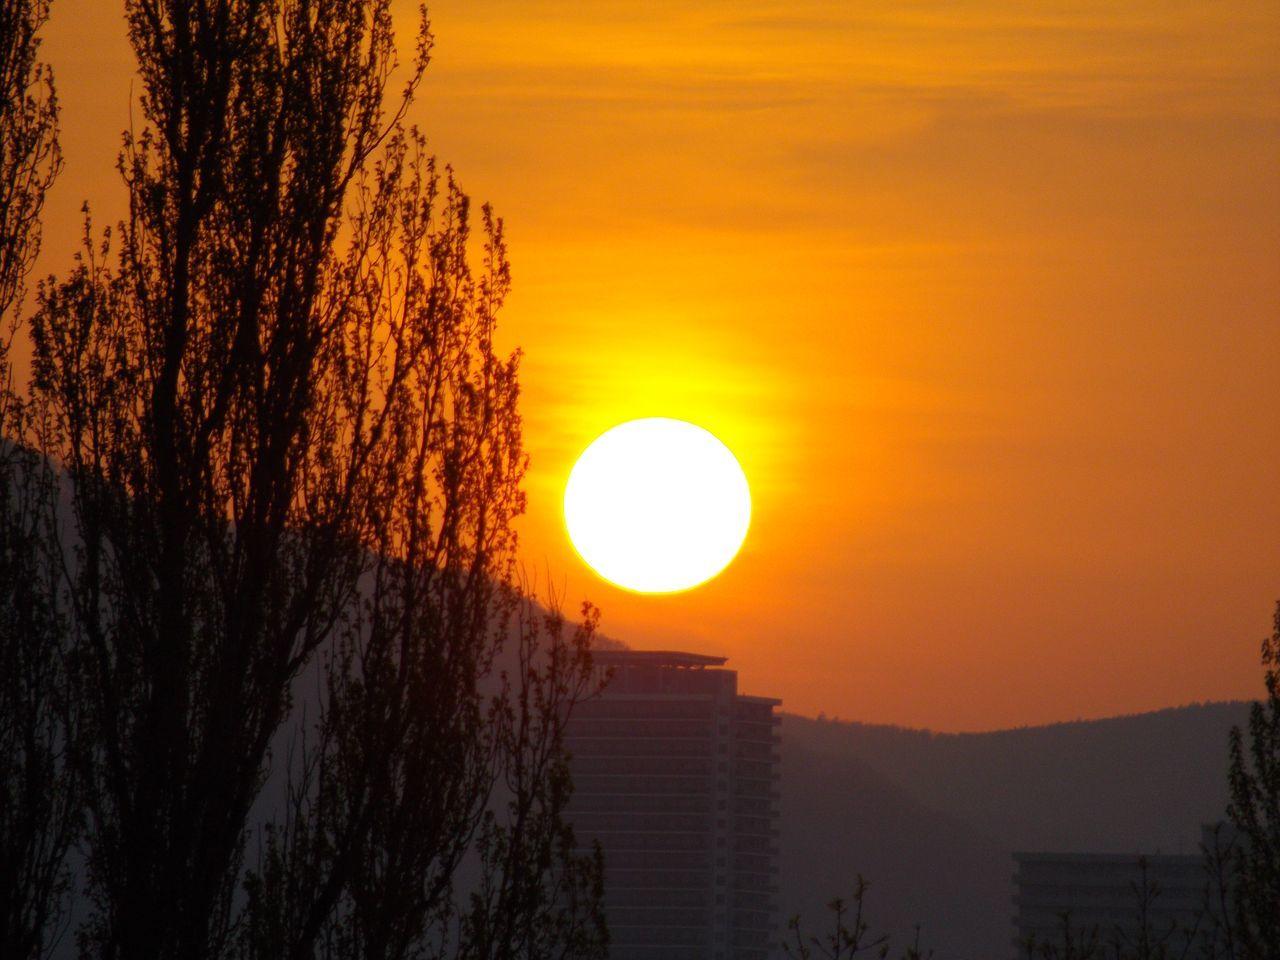 札幌らしい春の一日か_c0025115_20262241.jpg